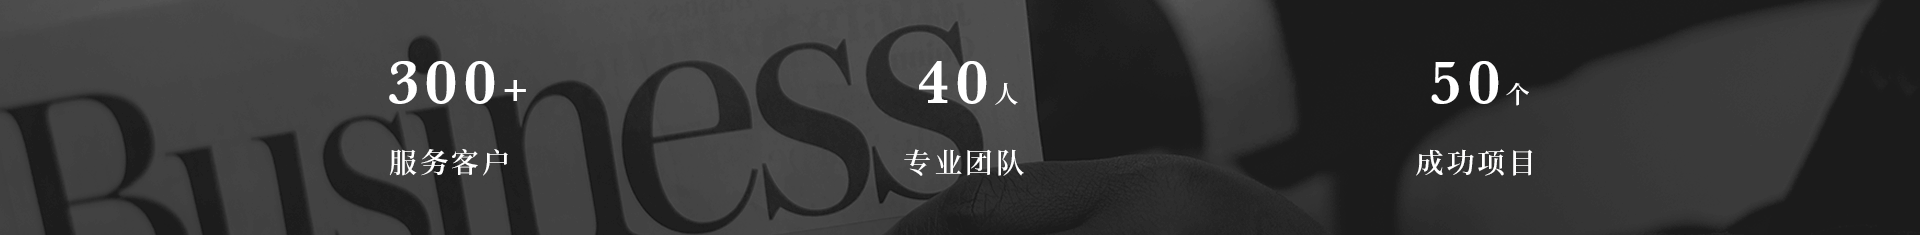 解放号1.5.png